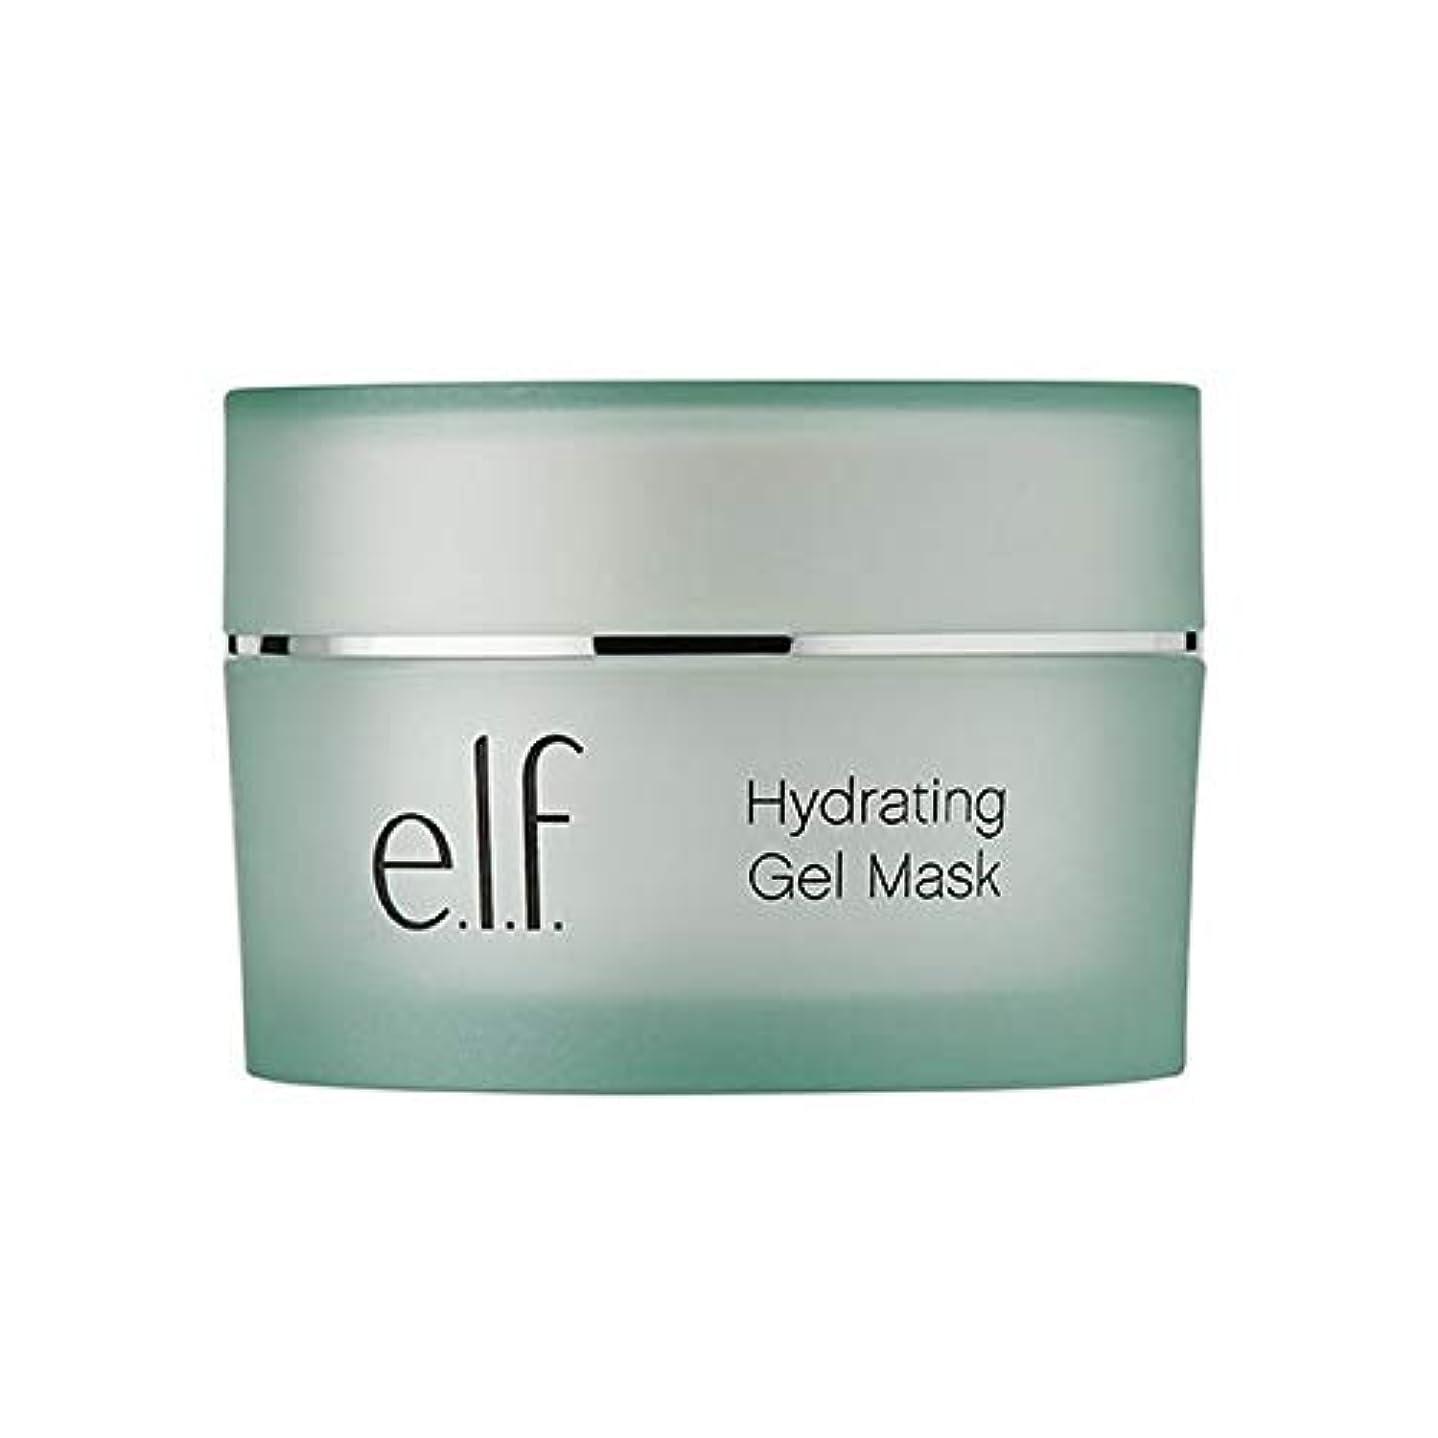 シロクマ裕福な靄[Elf] エルフ。水和ゲルマスク52ミリリットル - e.l.f. Hydrating Gel Mask 52ml [並行輸入品]